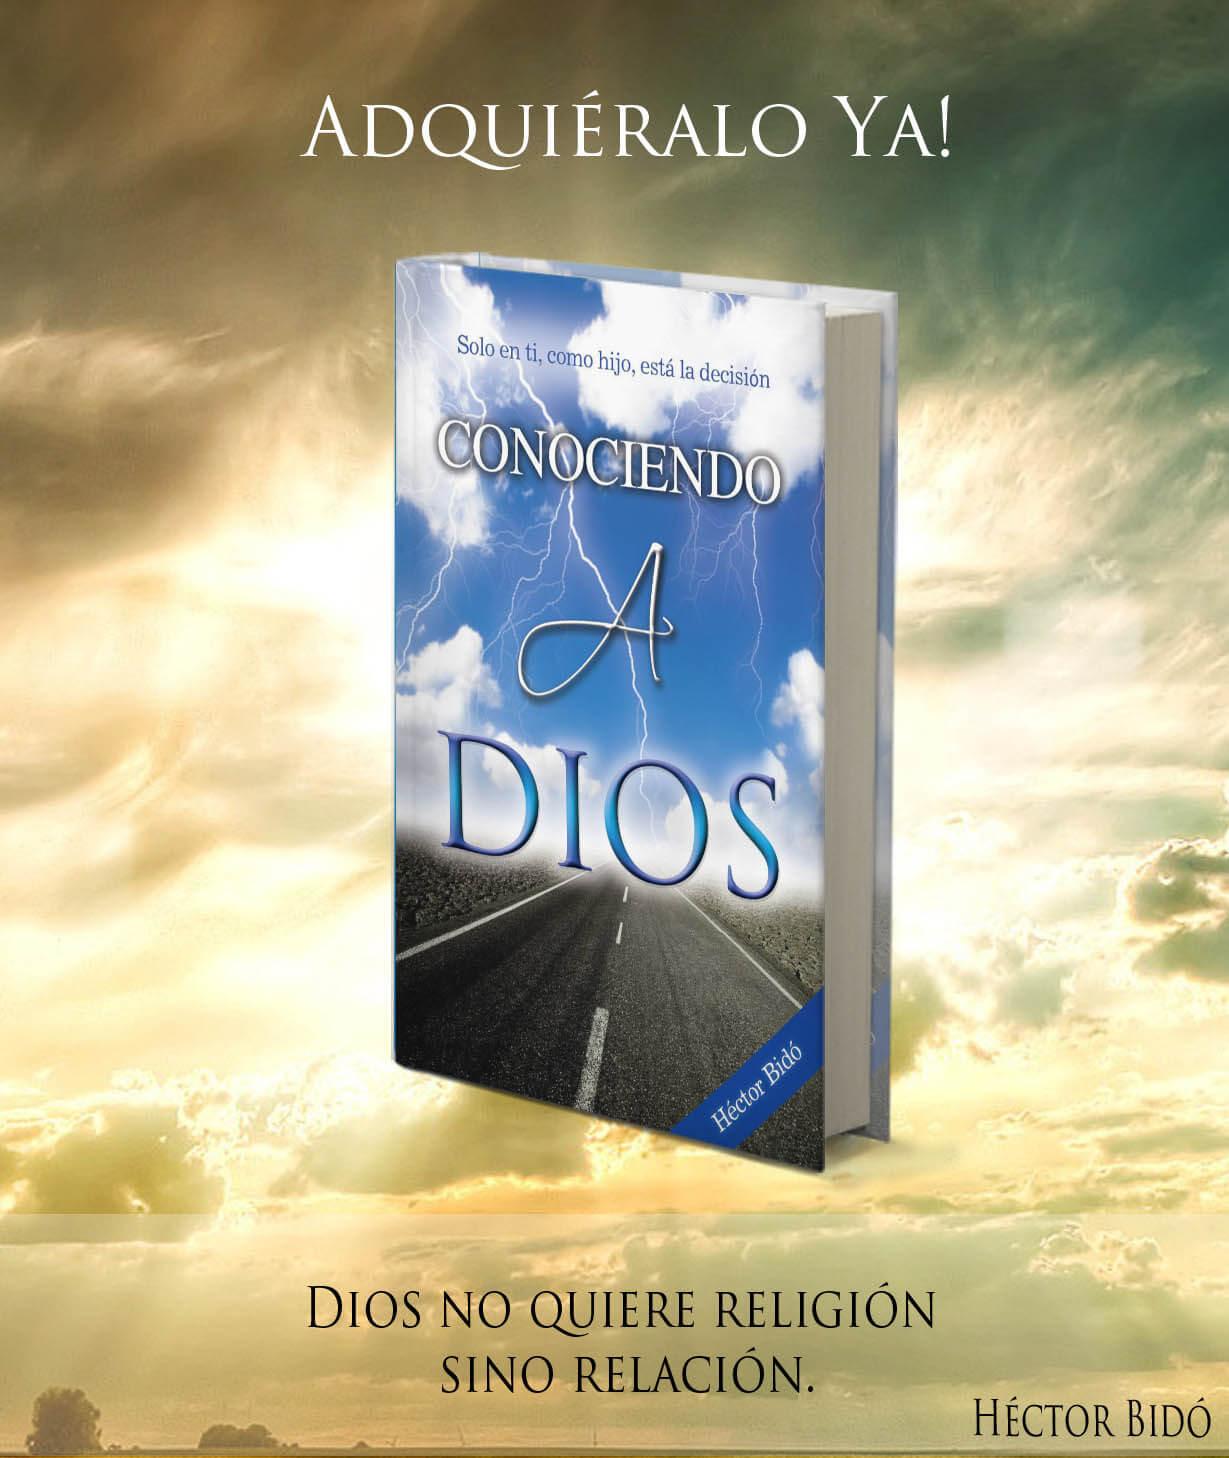 Hector Bido